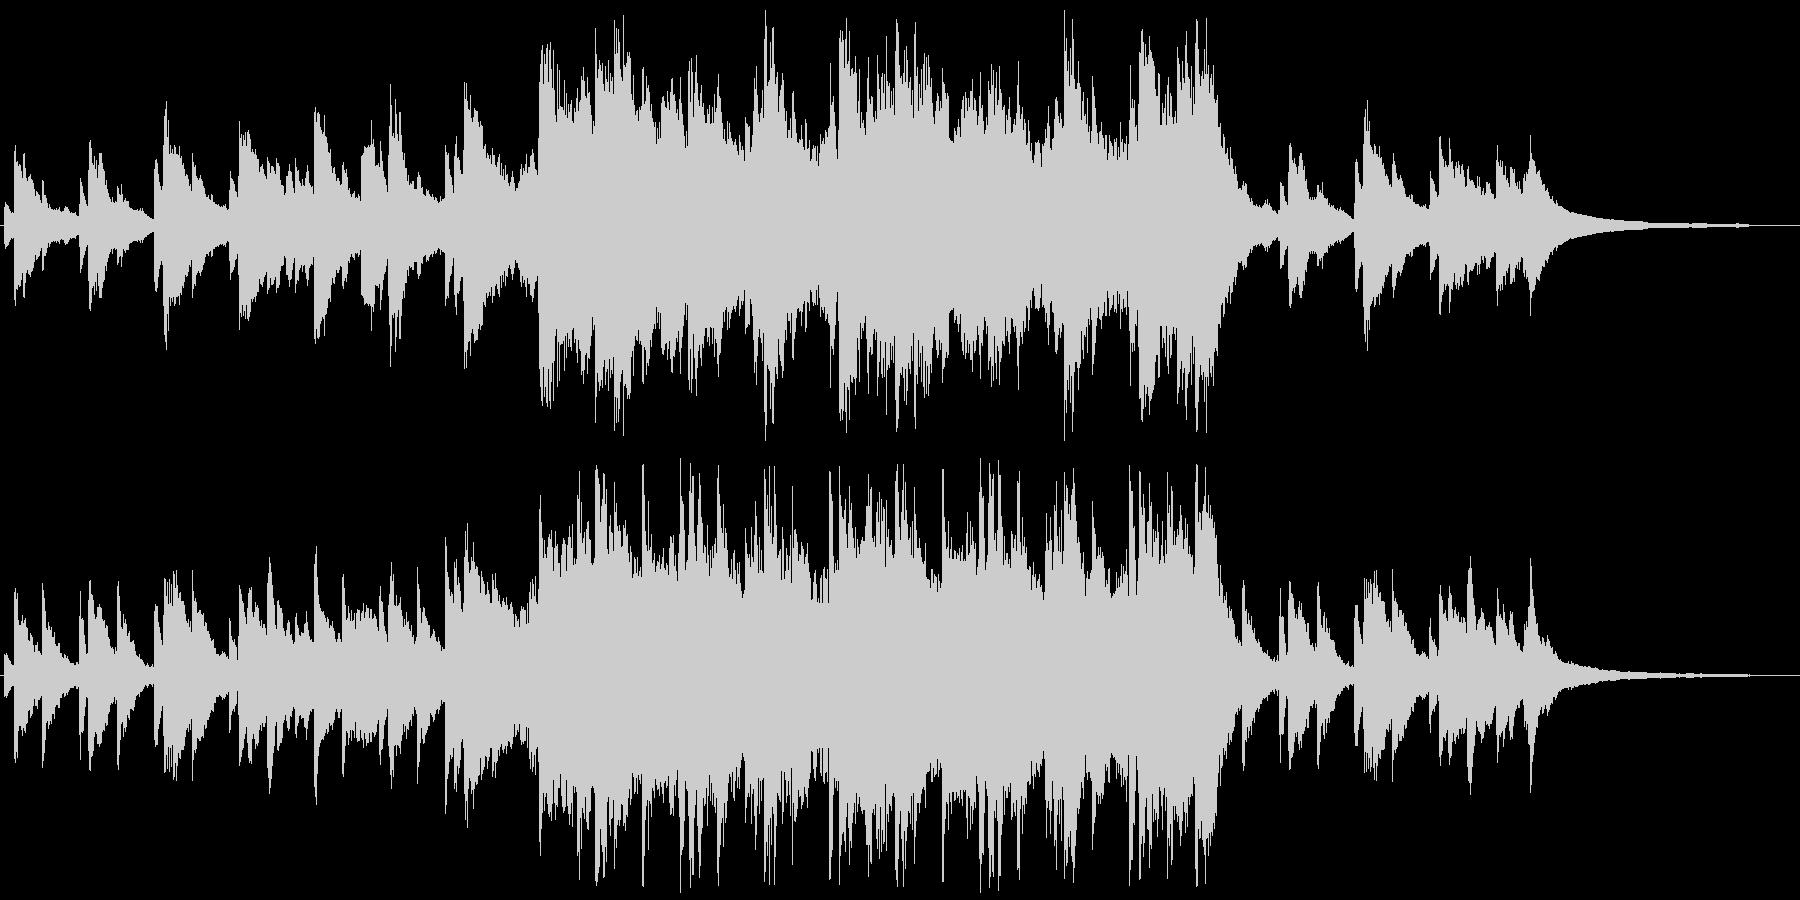 現代の交響曲 企業イメージ 広い ...の未再生の波形